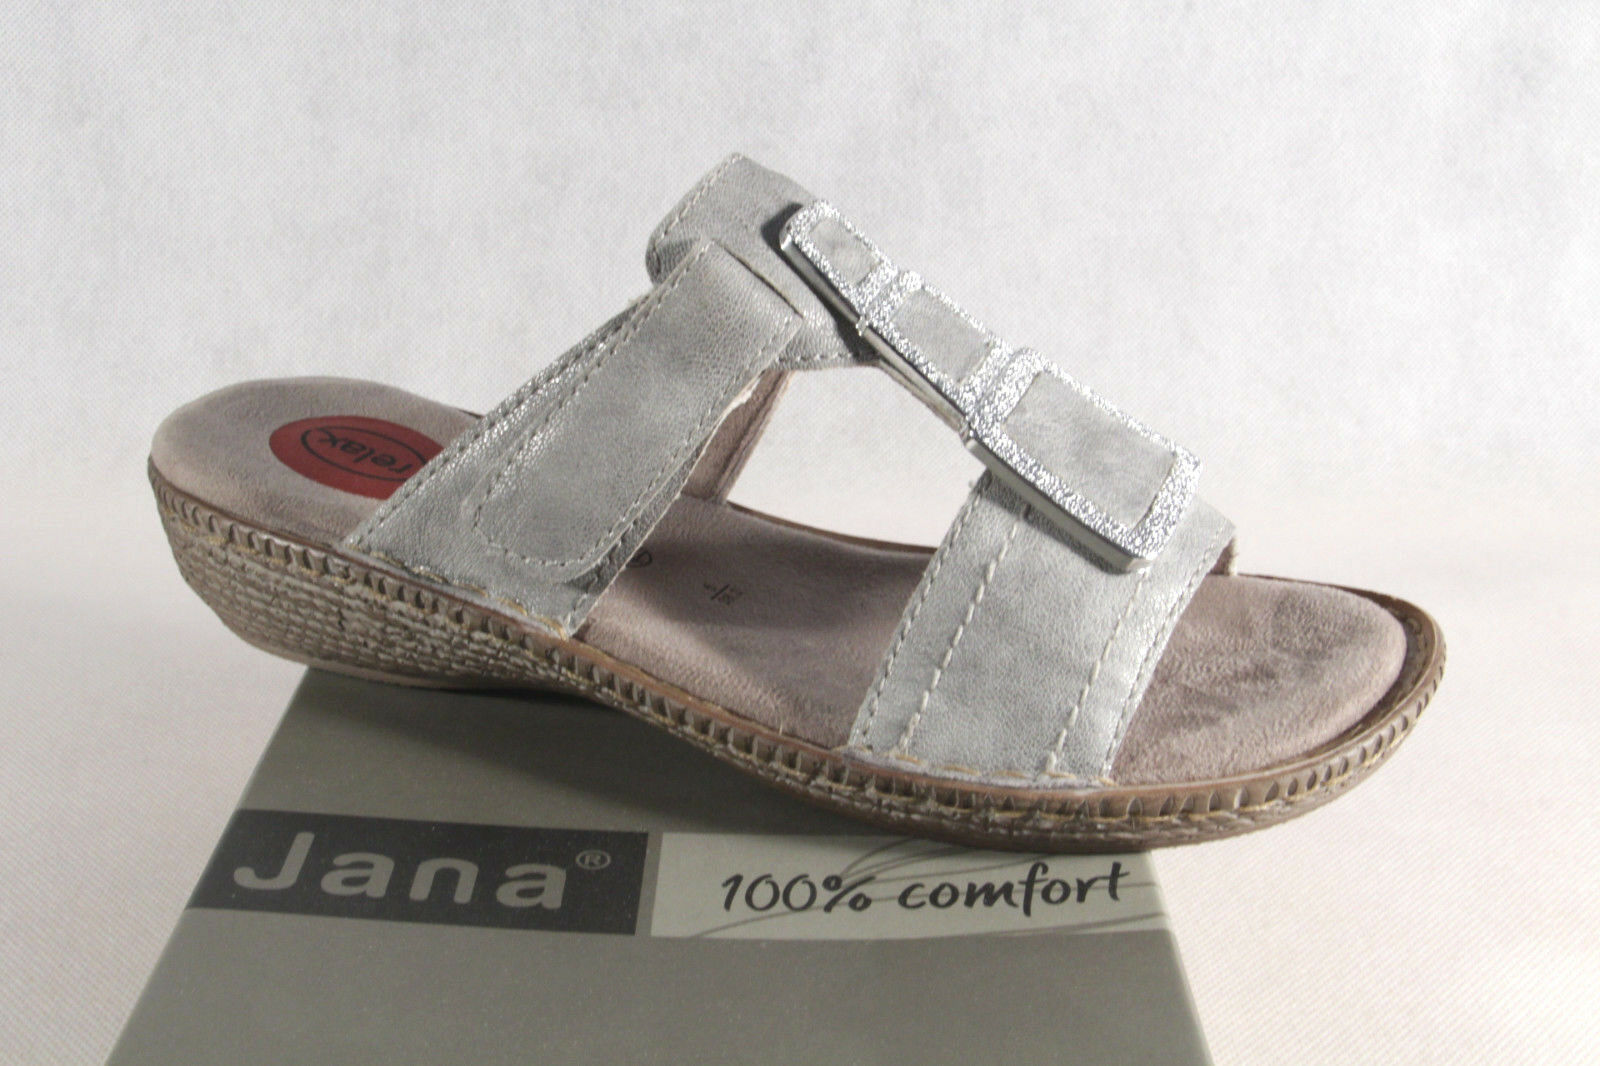 Jana ciabatte donna sandali grigio argento NUOVO